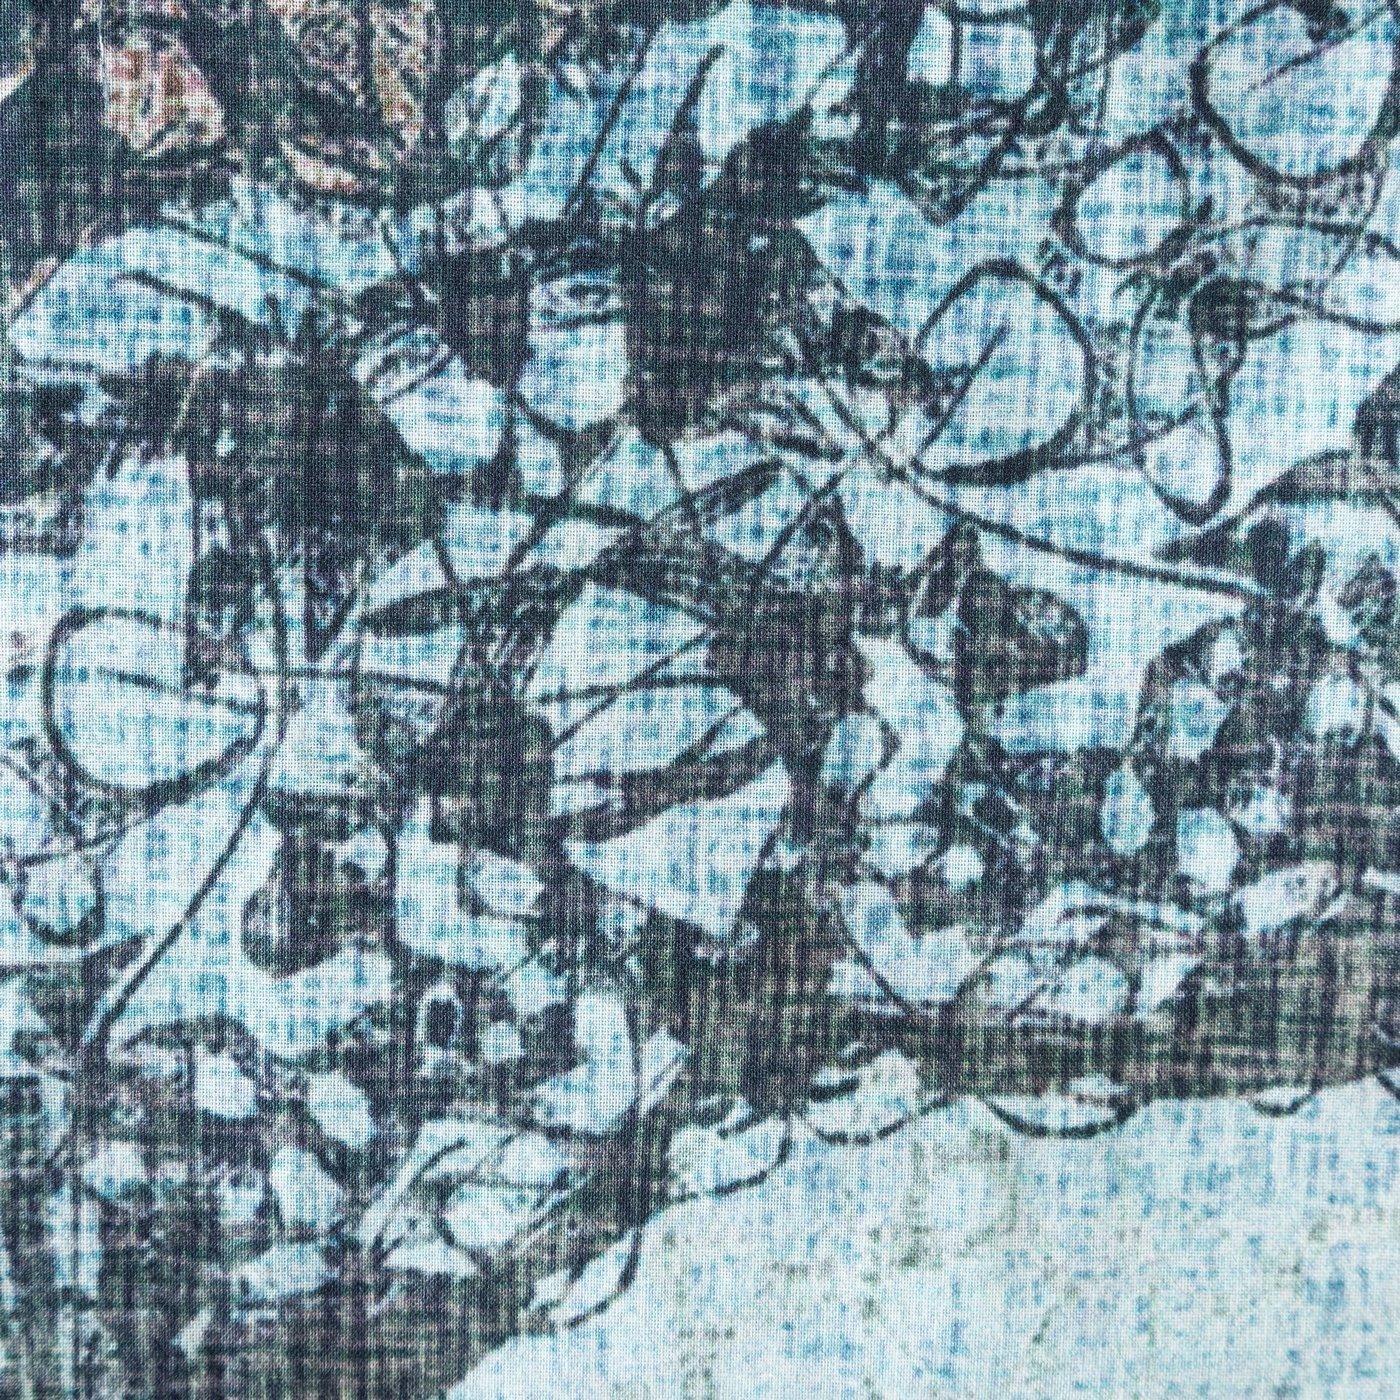 Komplet pościeli bawełnianej 220 x 200, 2 szt. 70 x 80 nadruk przecierany mandala hiszpańska bawełna